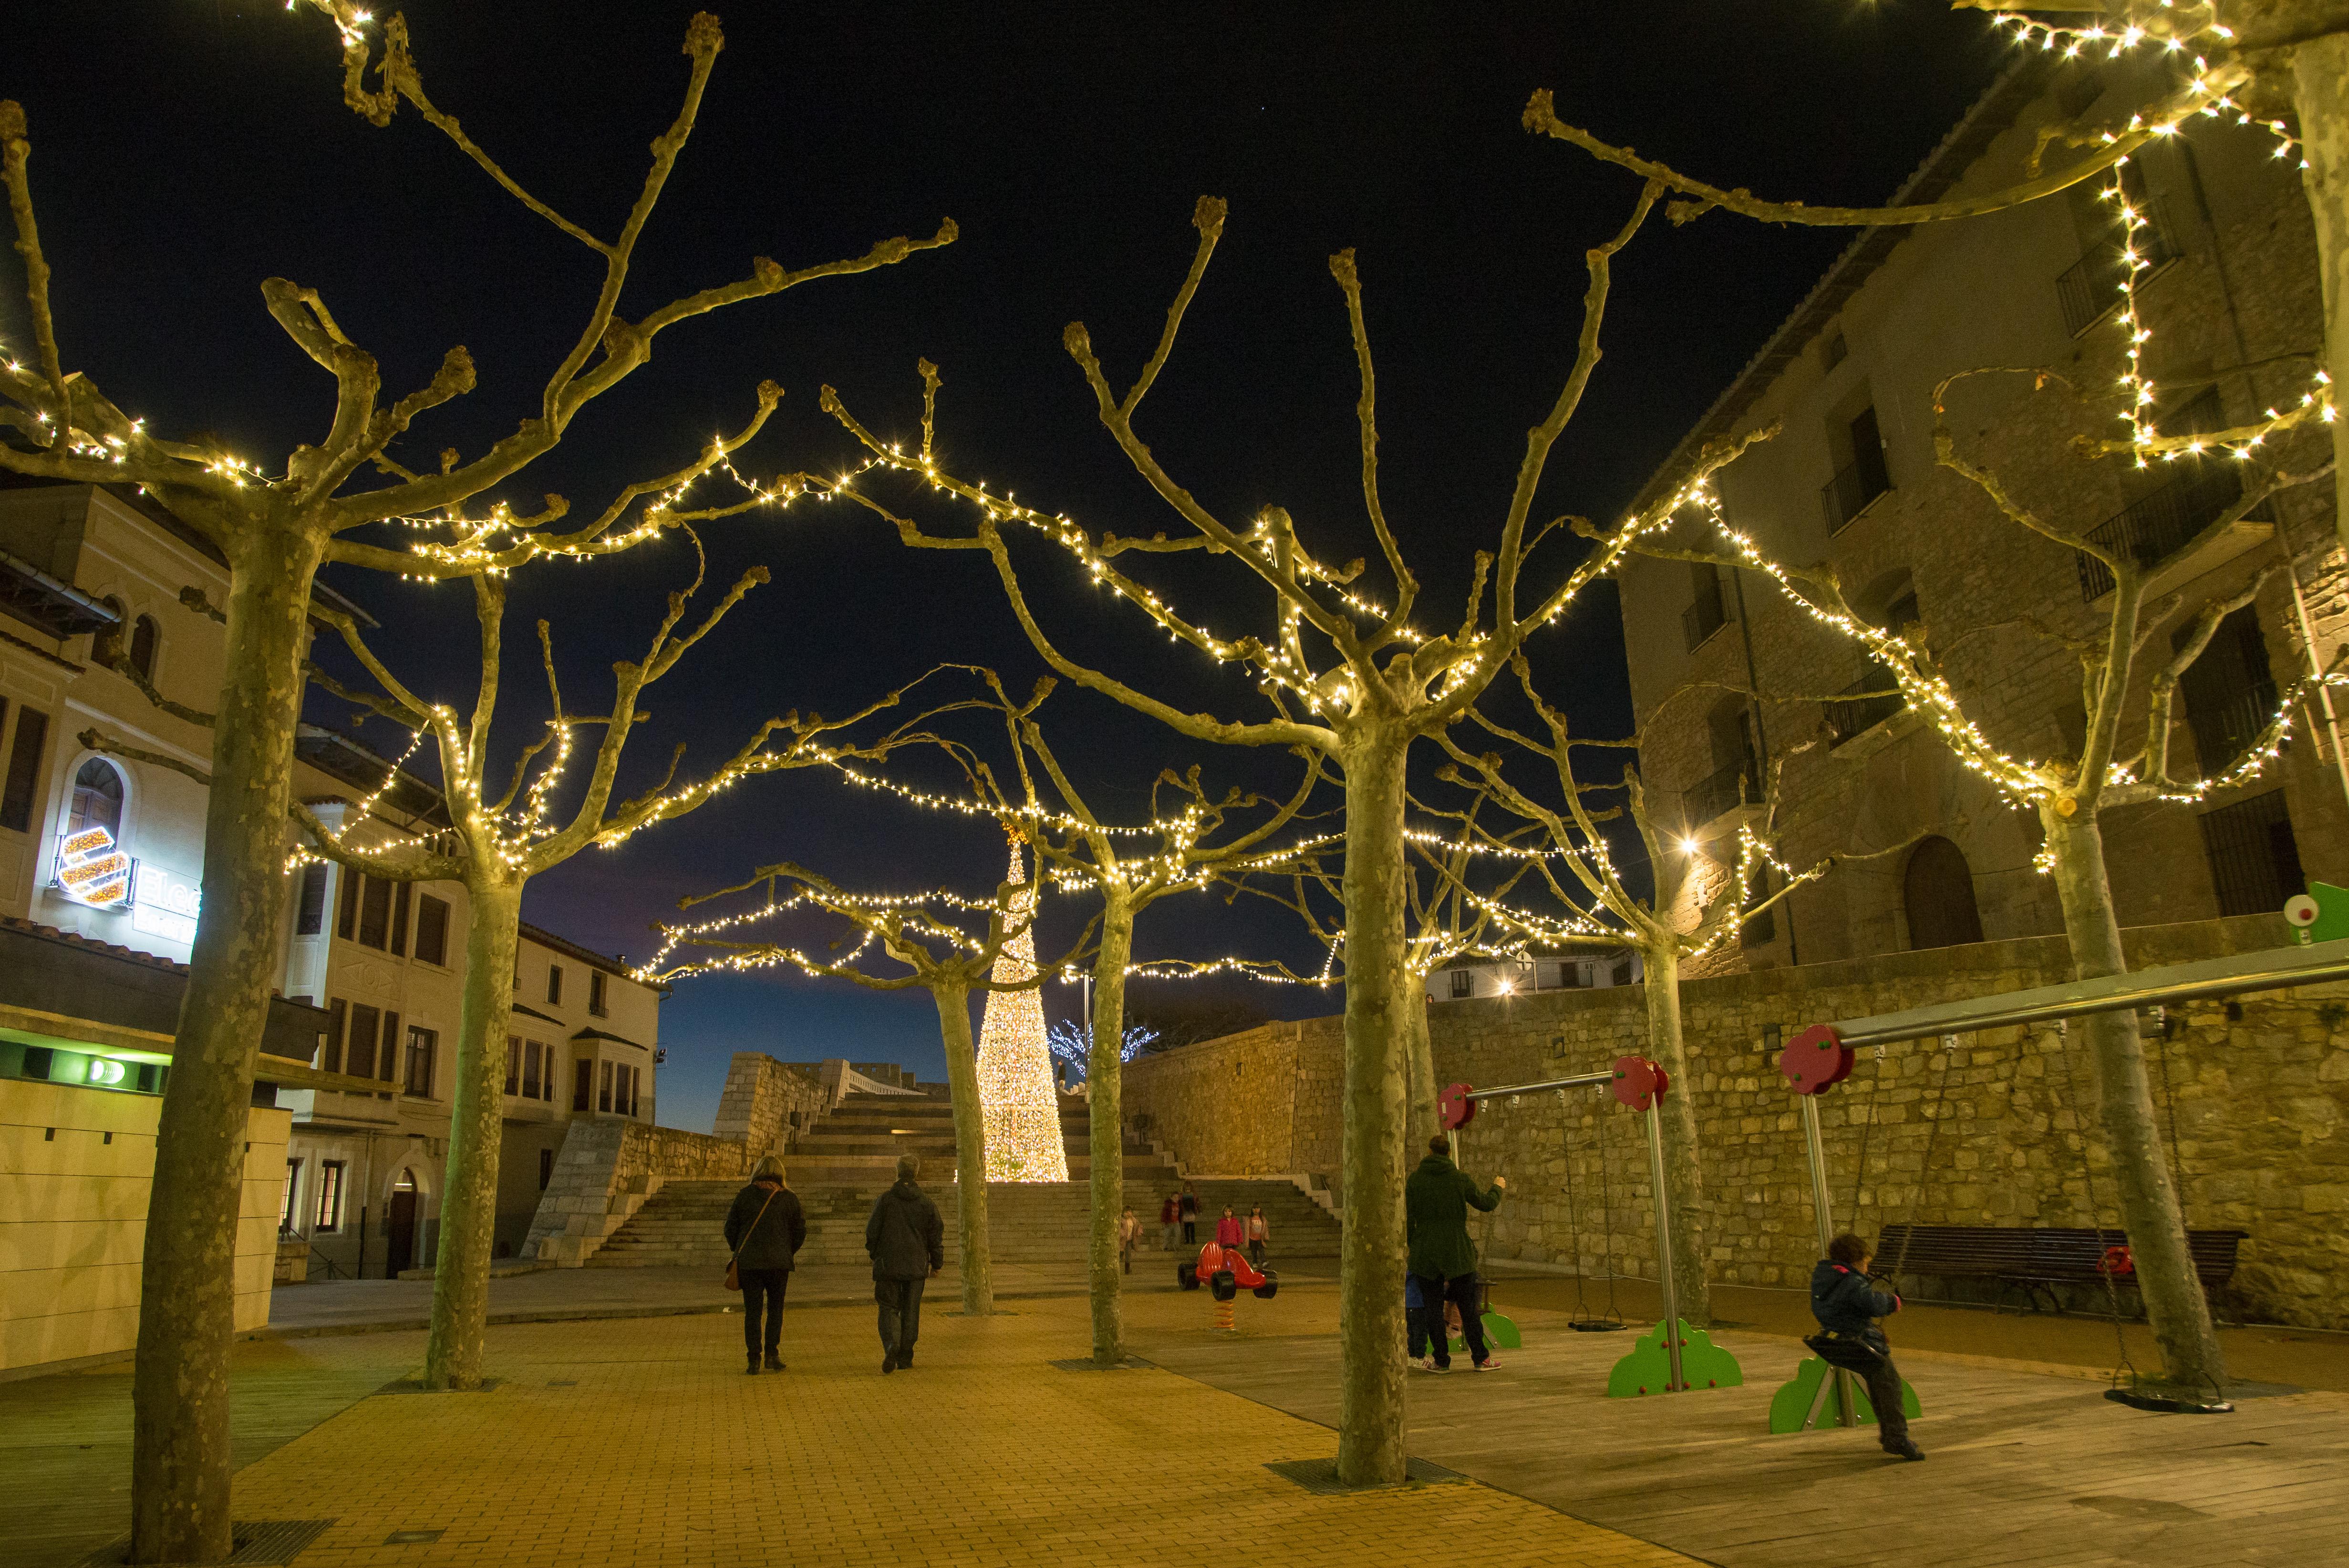 Electra Energía campaña en Morella